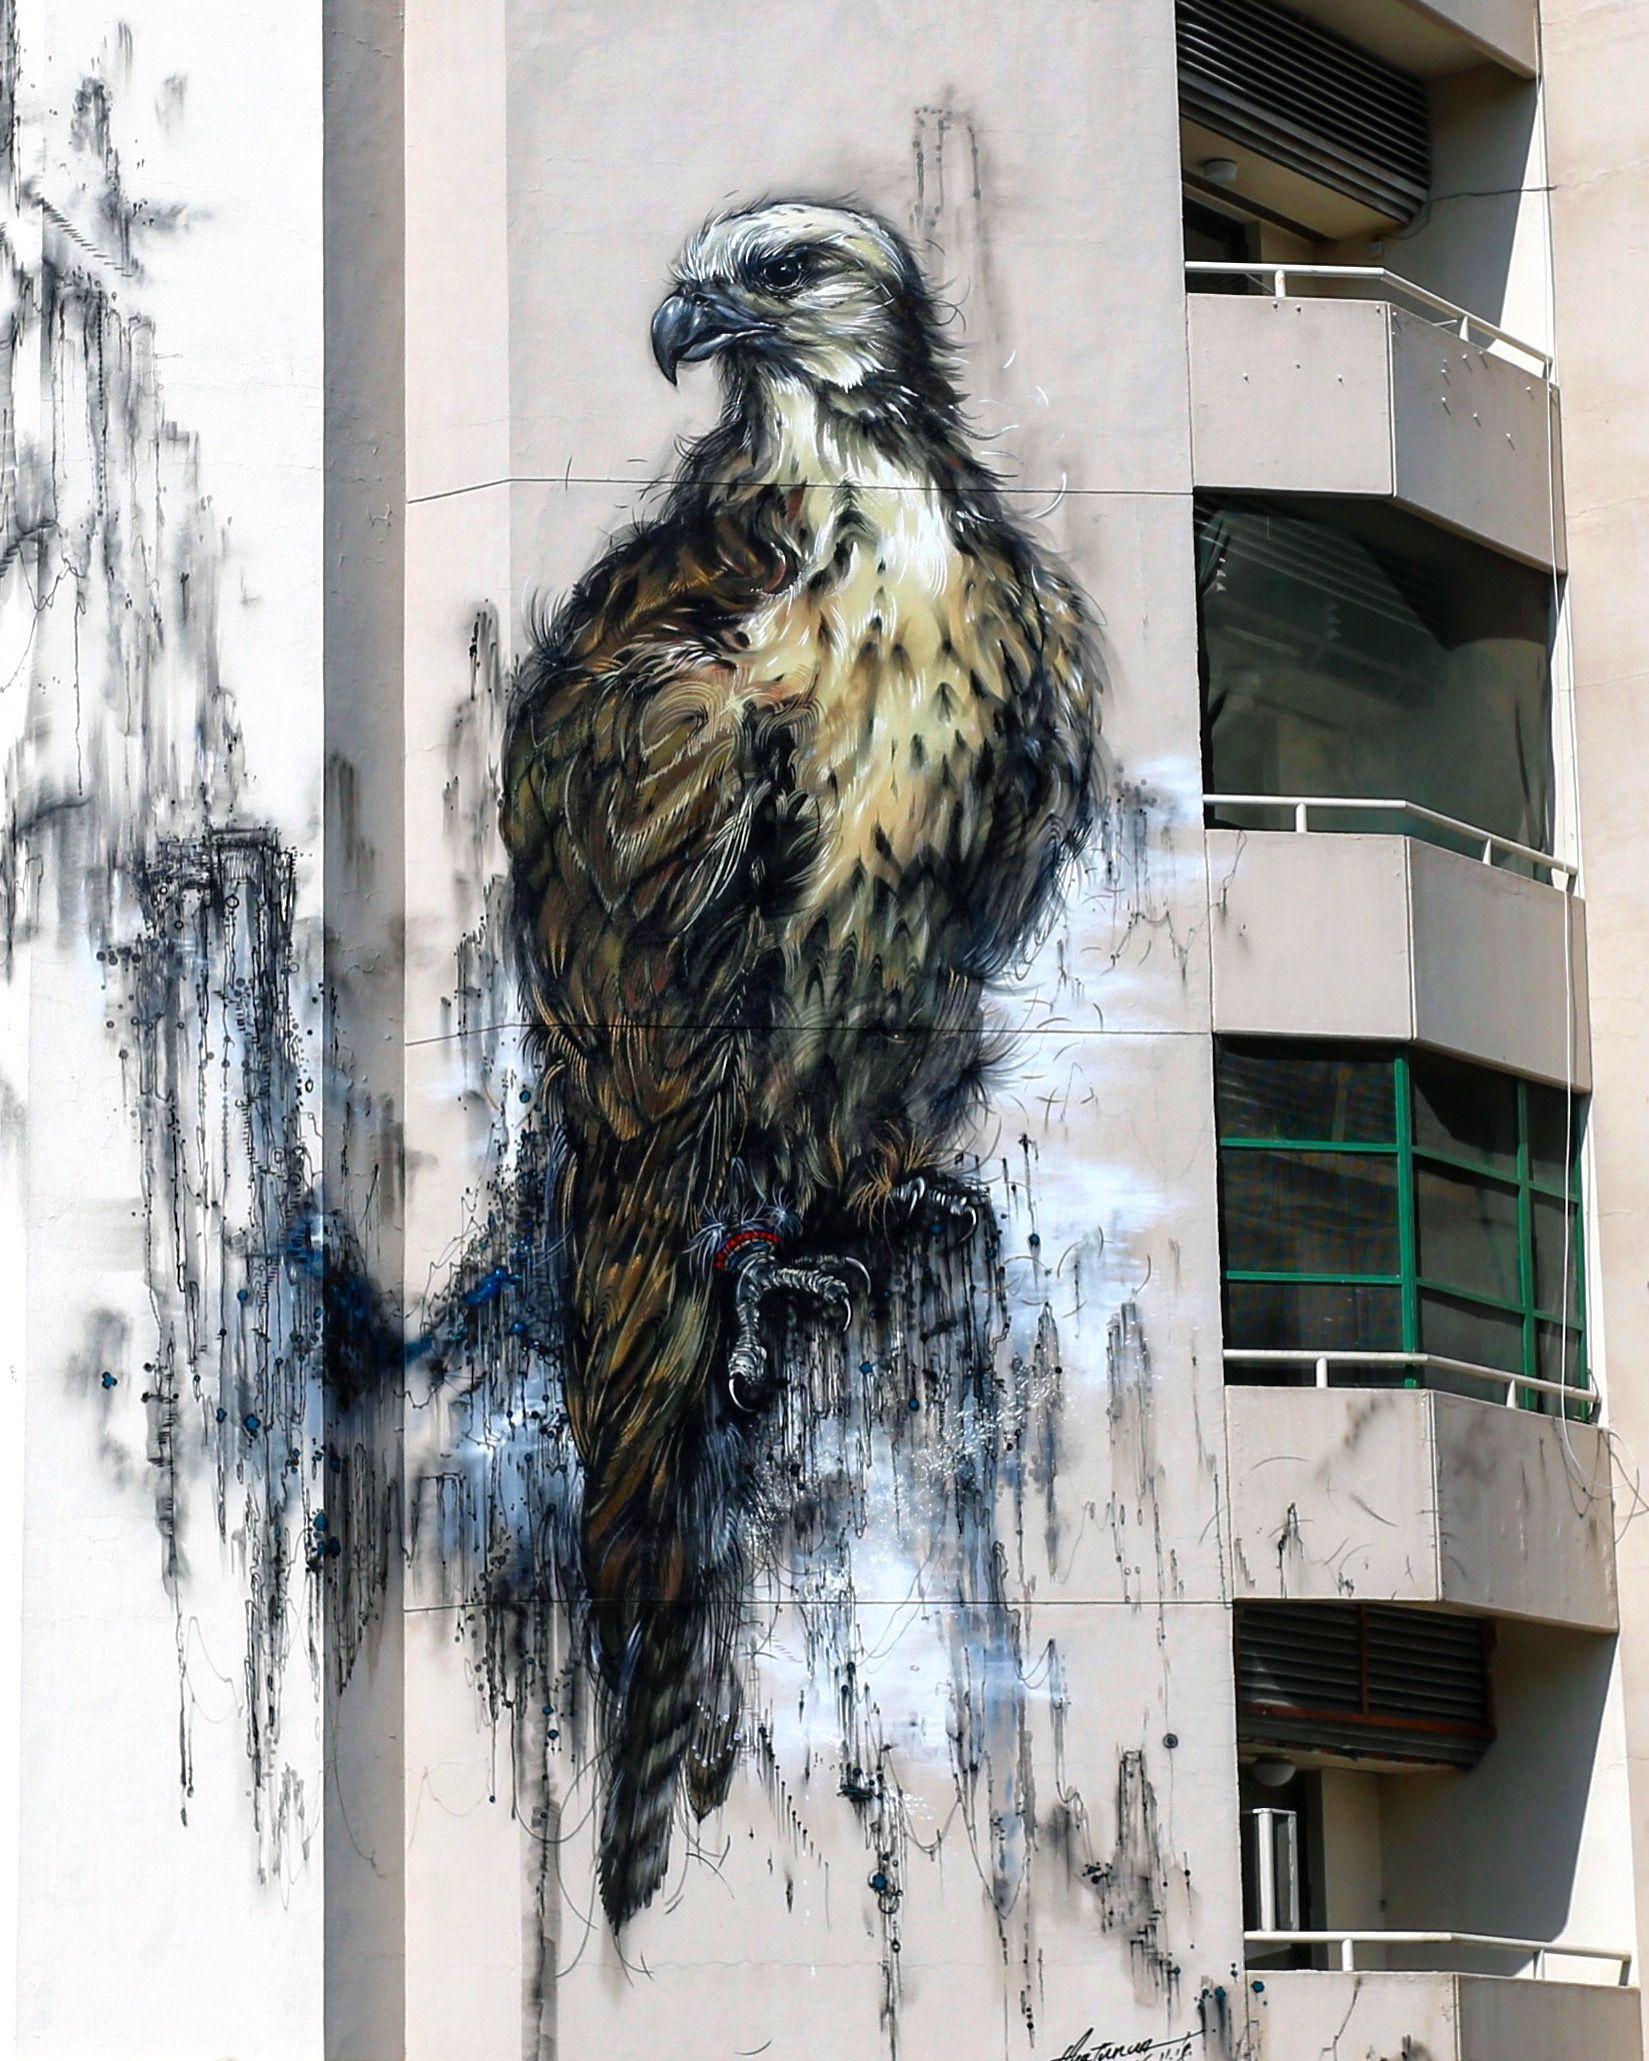 Graffiti wall uae - Graffiti